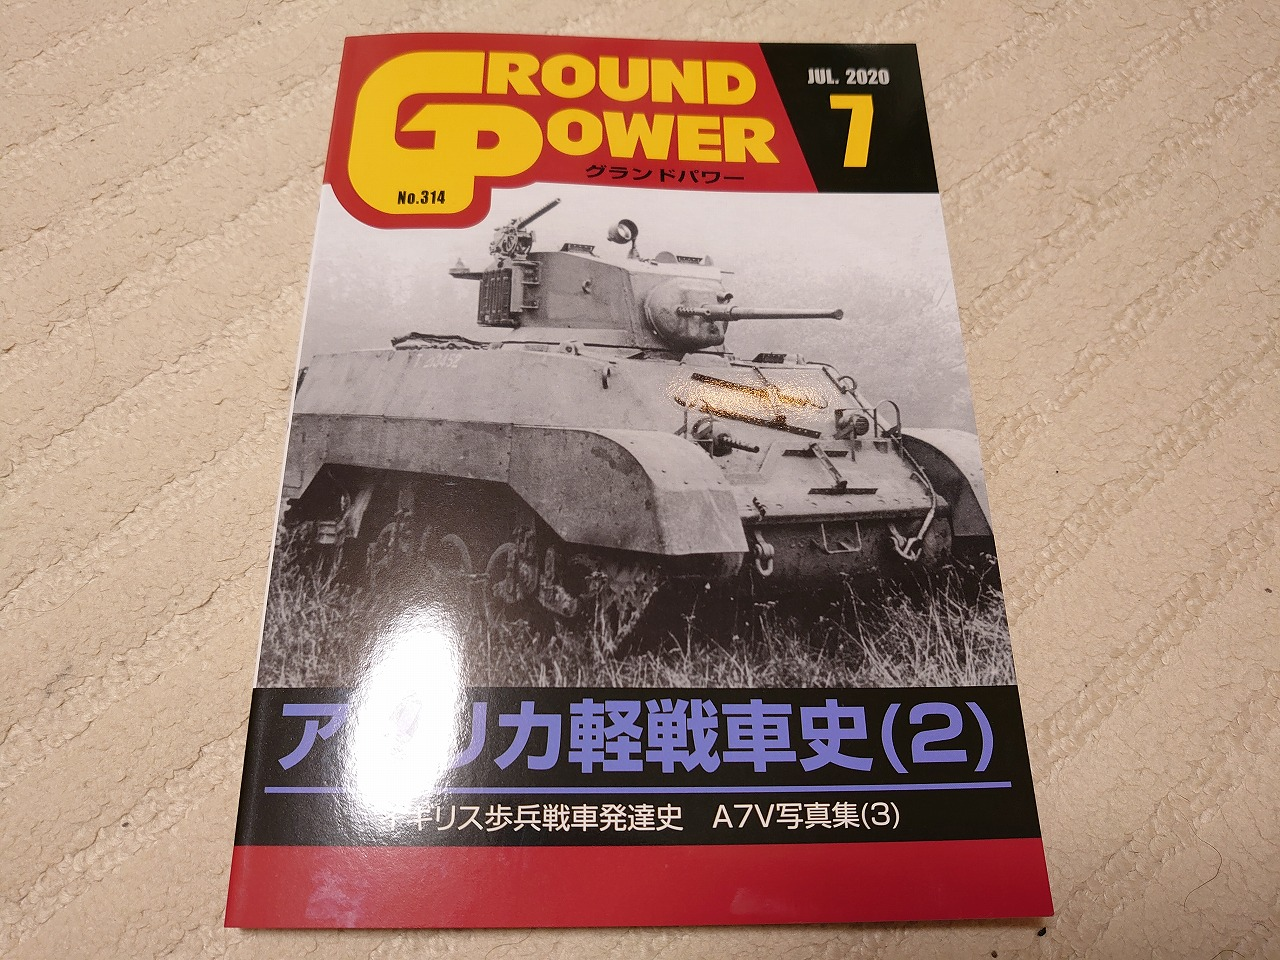 【最近購入した物】グランドパワー2020年7月号・フリウルT-35履帯